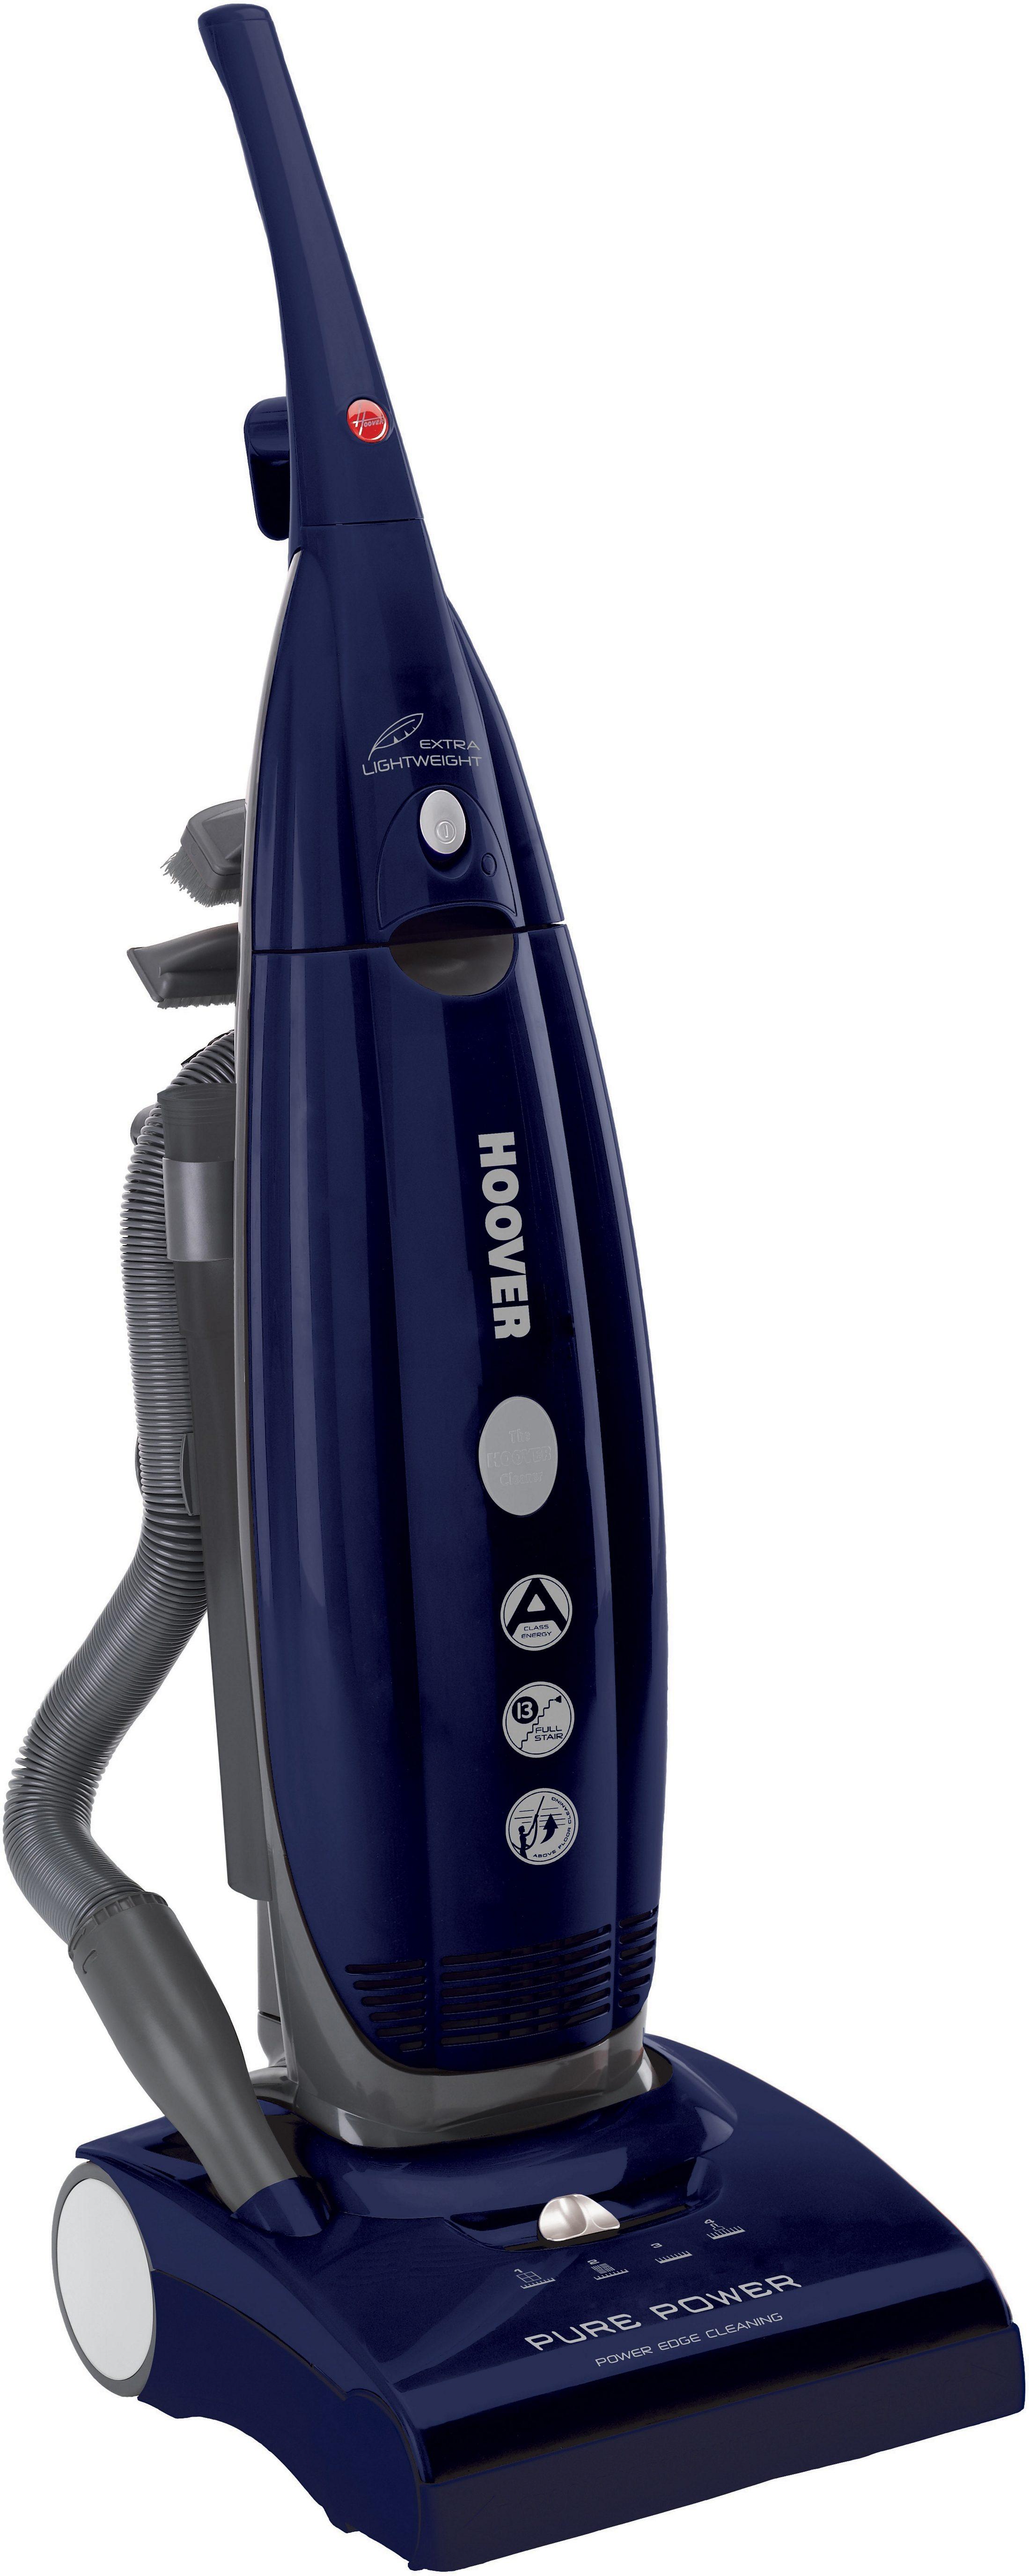 Hoover Bürstsauger Purepower PU71_PU01, 750 Watt, dunkelblau